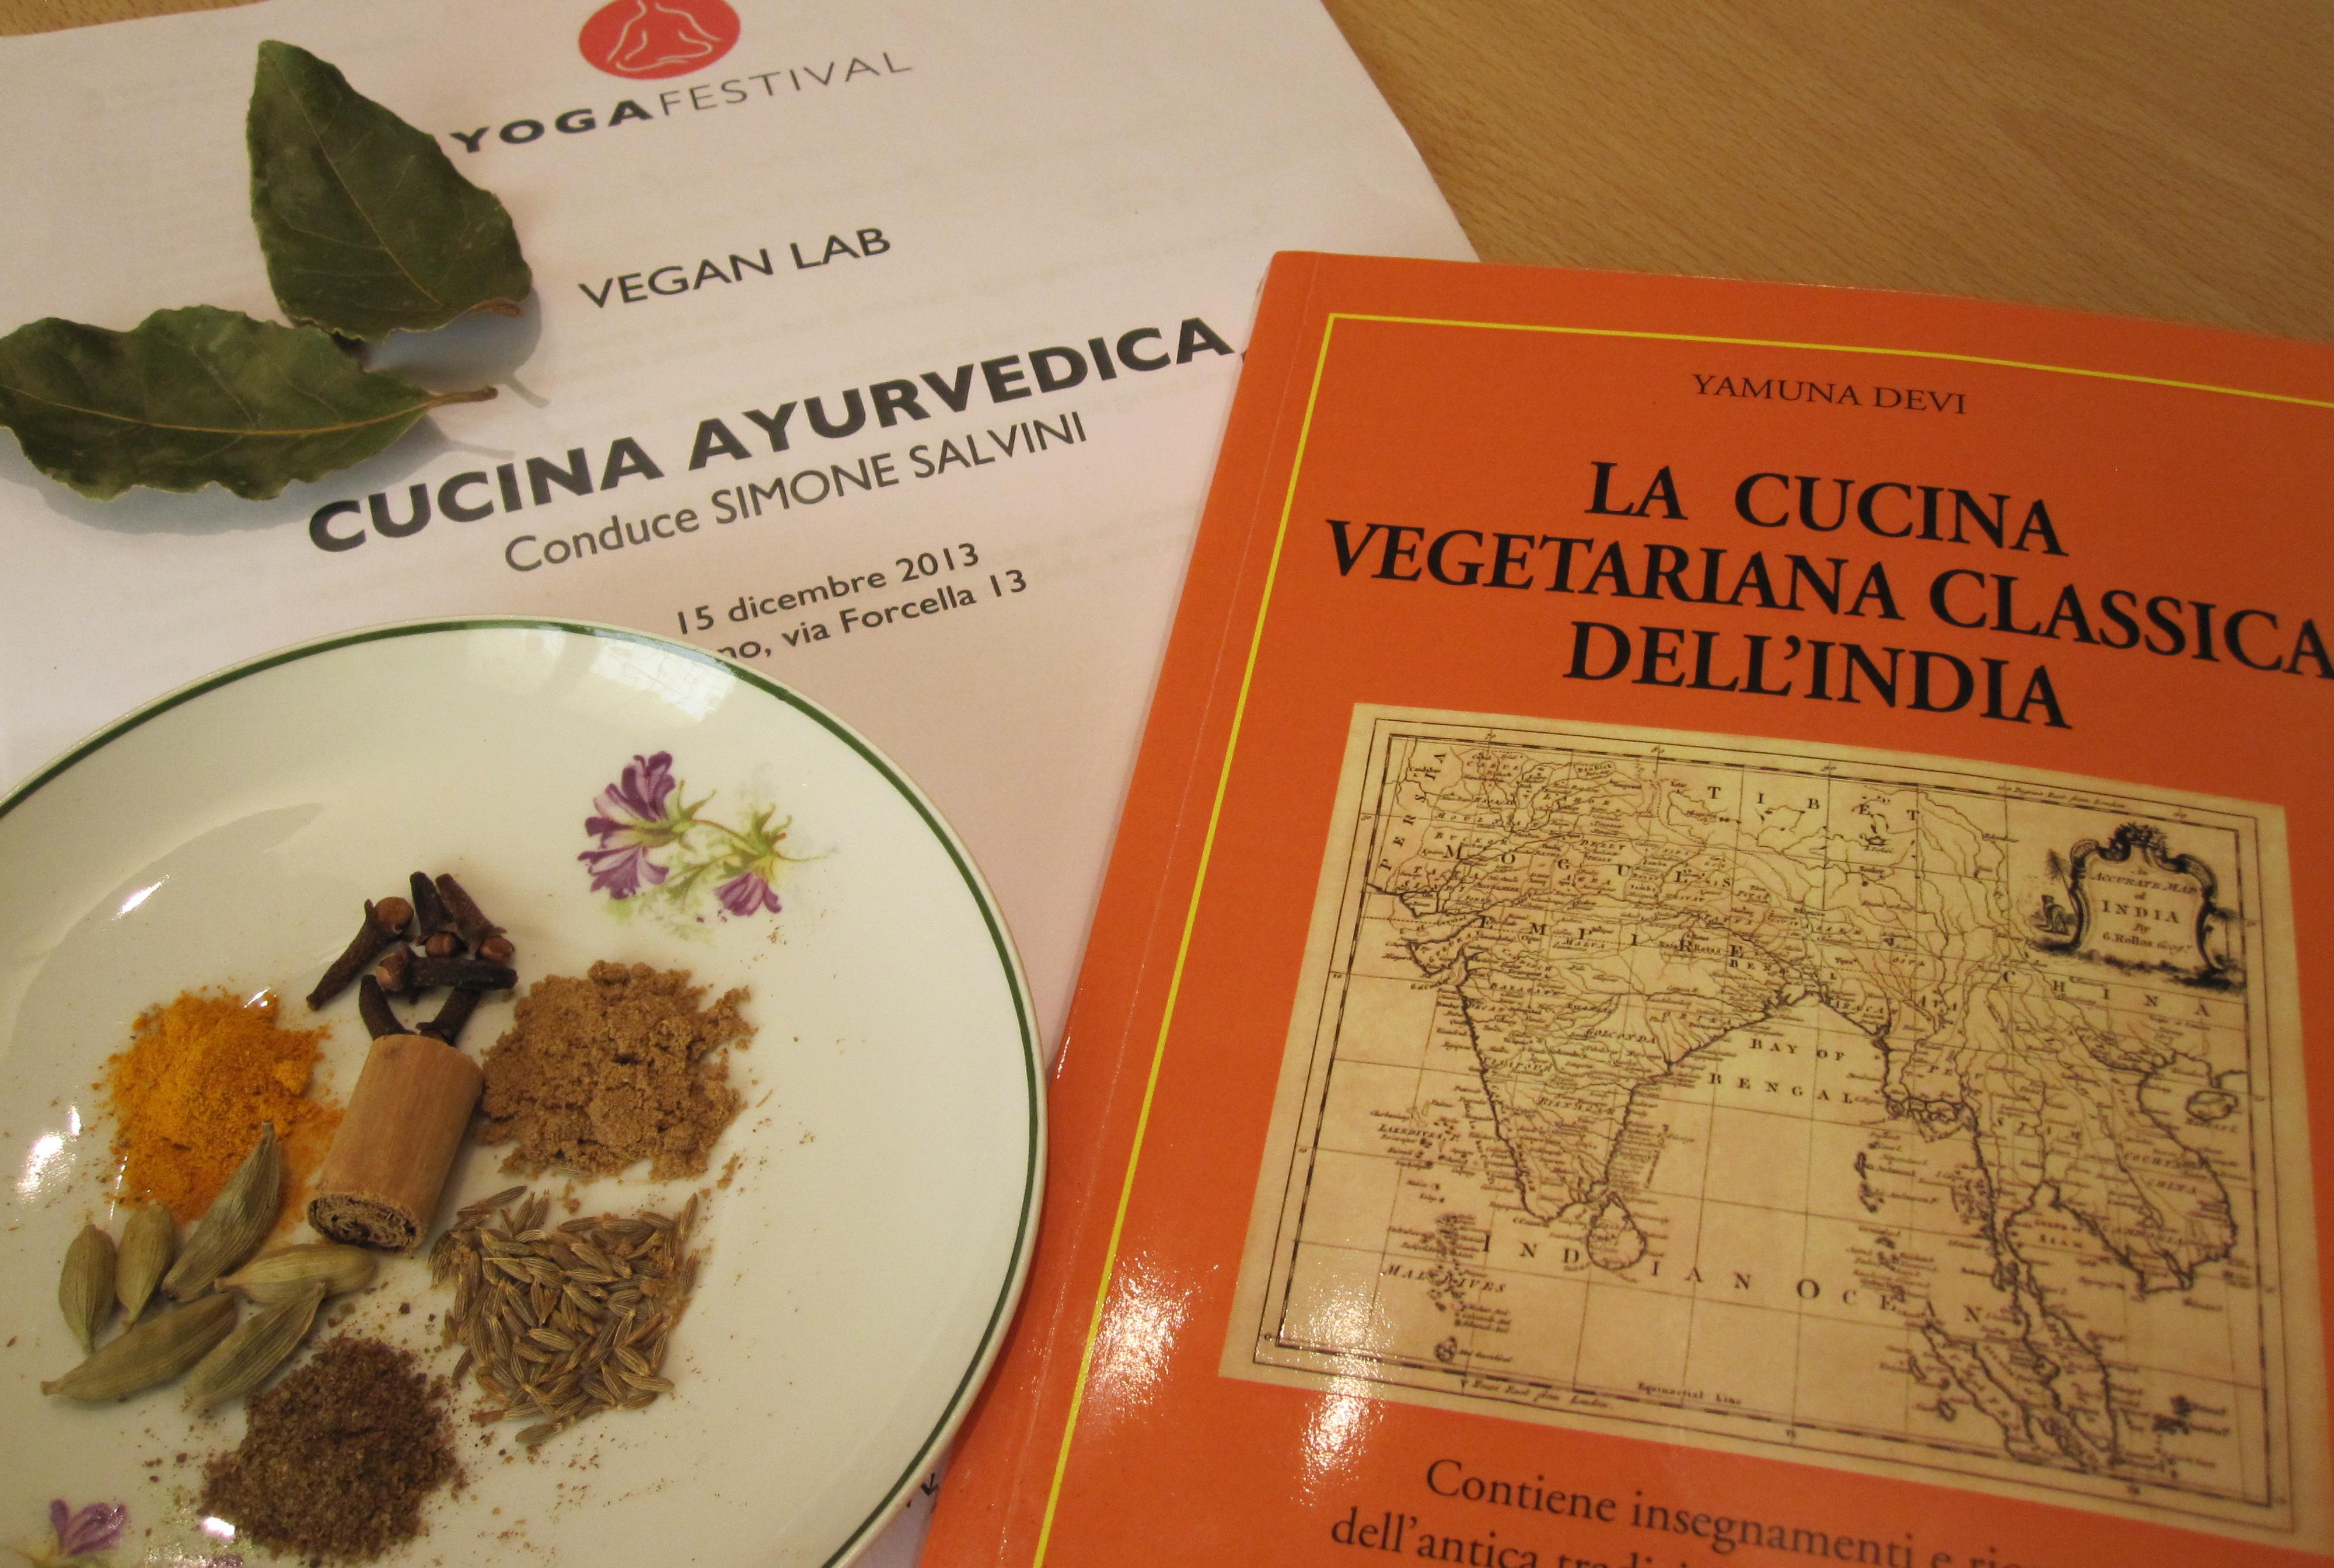 capire quali spezie occorrevano e dosarle nel modo giusto per fortuna mi sono venuti in aiuto un bel libro di ricette indiane vegetariane acquistato lo